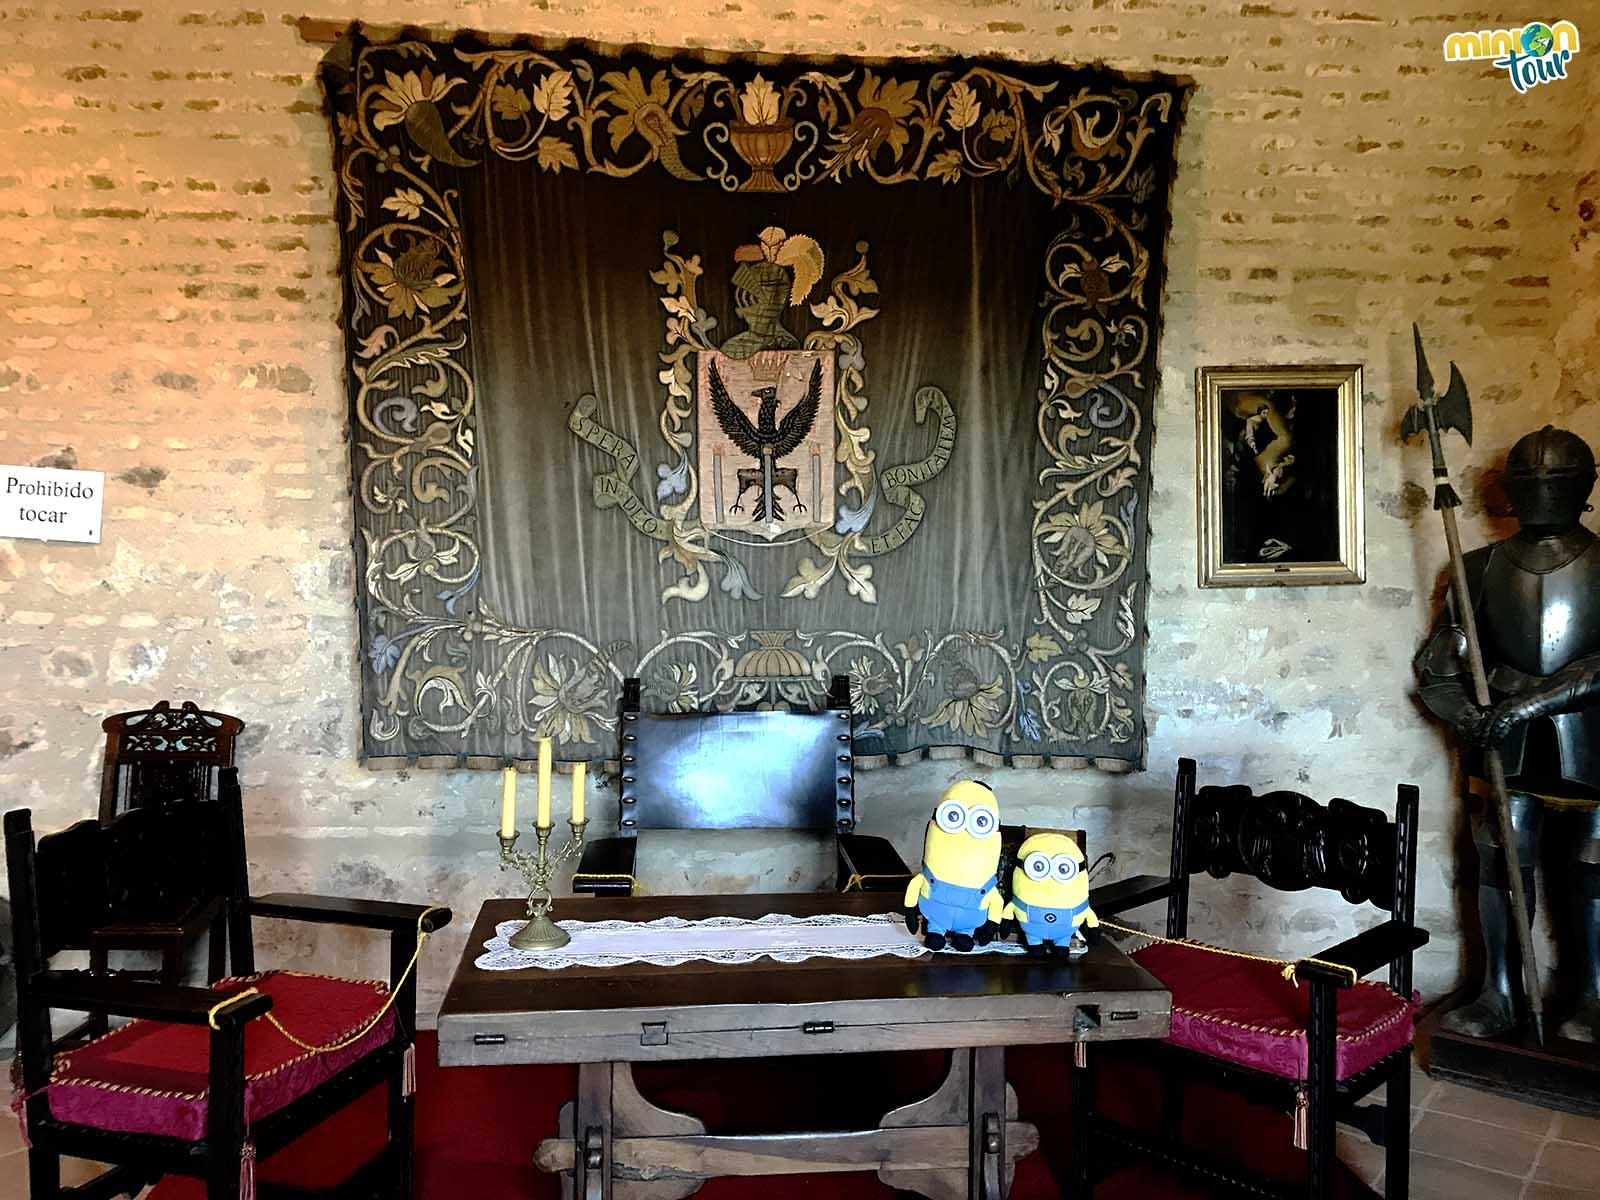 Una de las salas del castillo